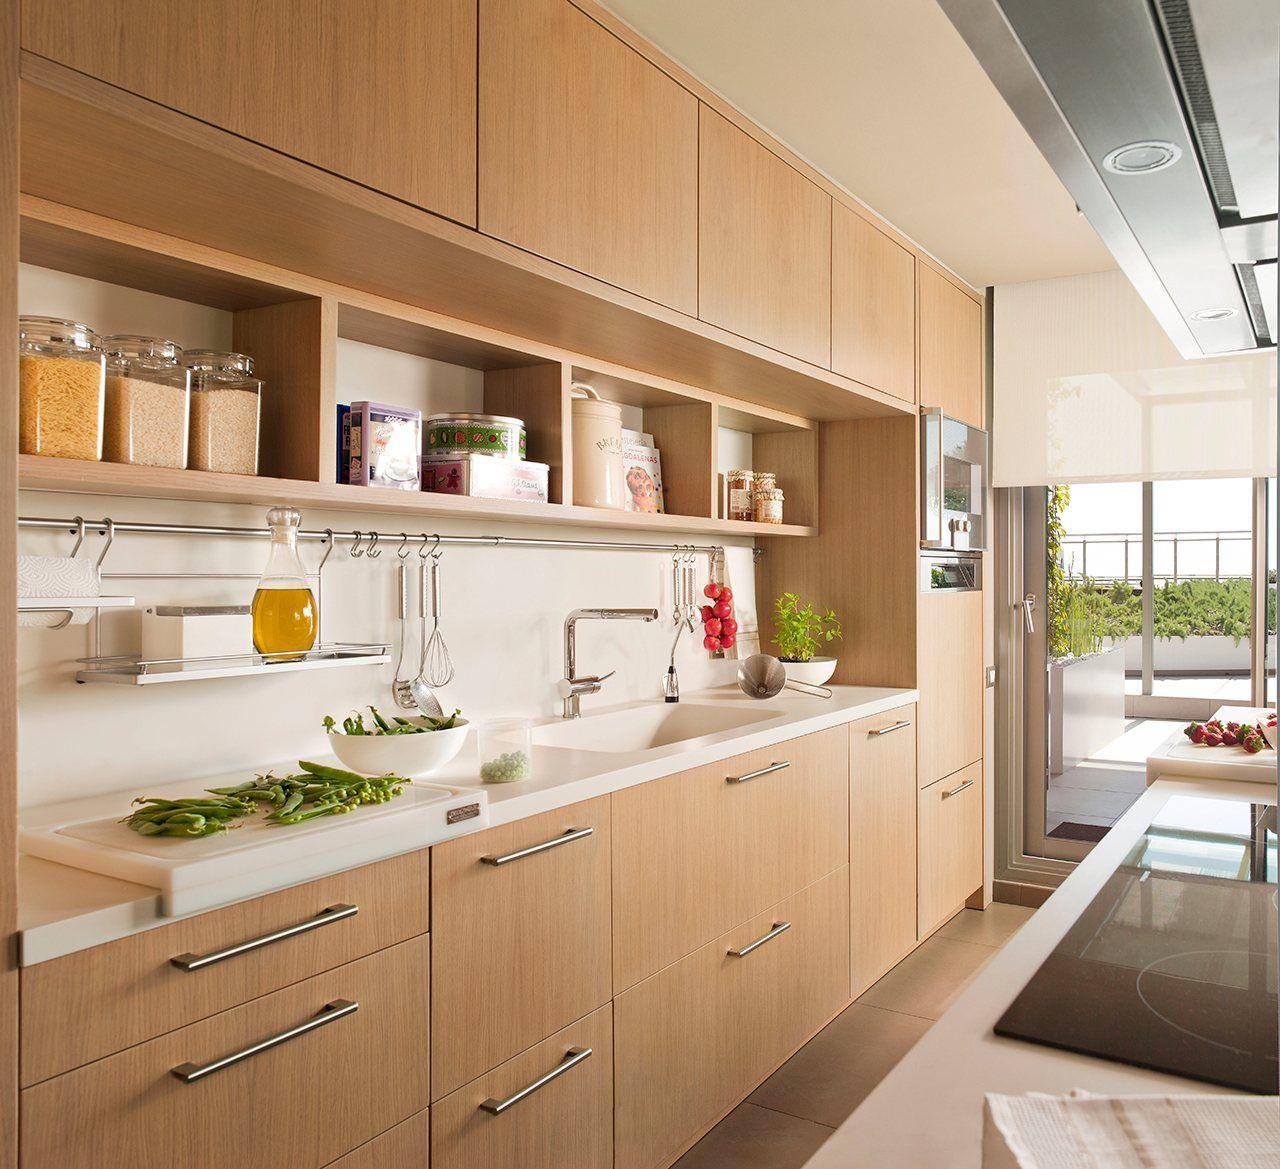 muebles cocinas pequeñas - Buscar con Google | KONYHÁK en 2019 ...